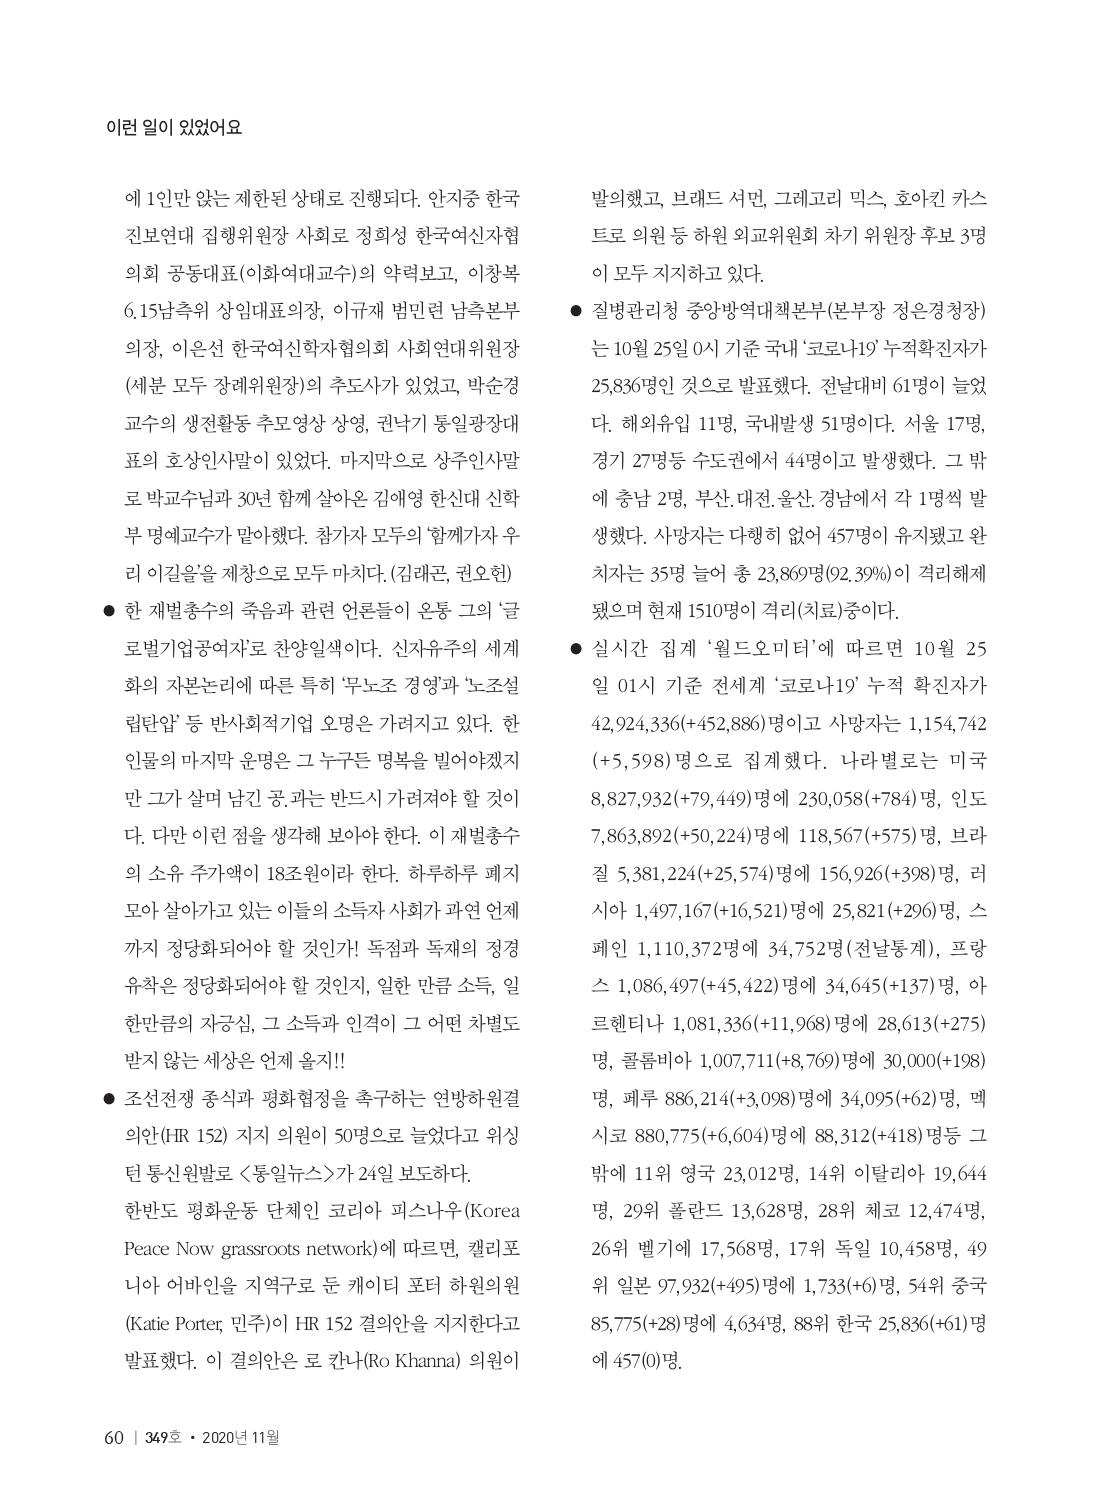 [양심수후원회] 소식지 349호 웹용_page-0062.jpg